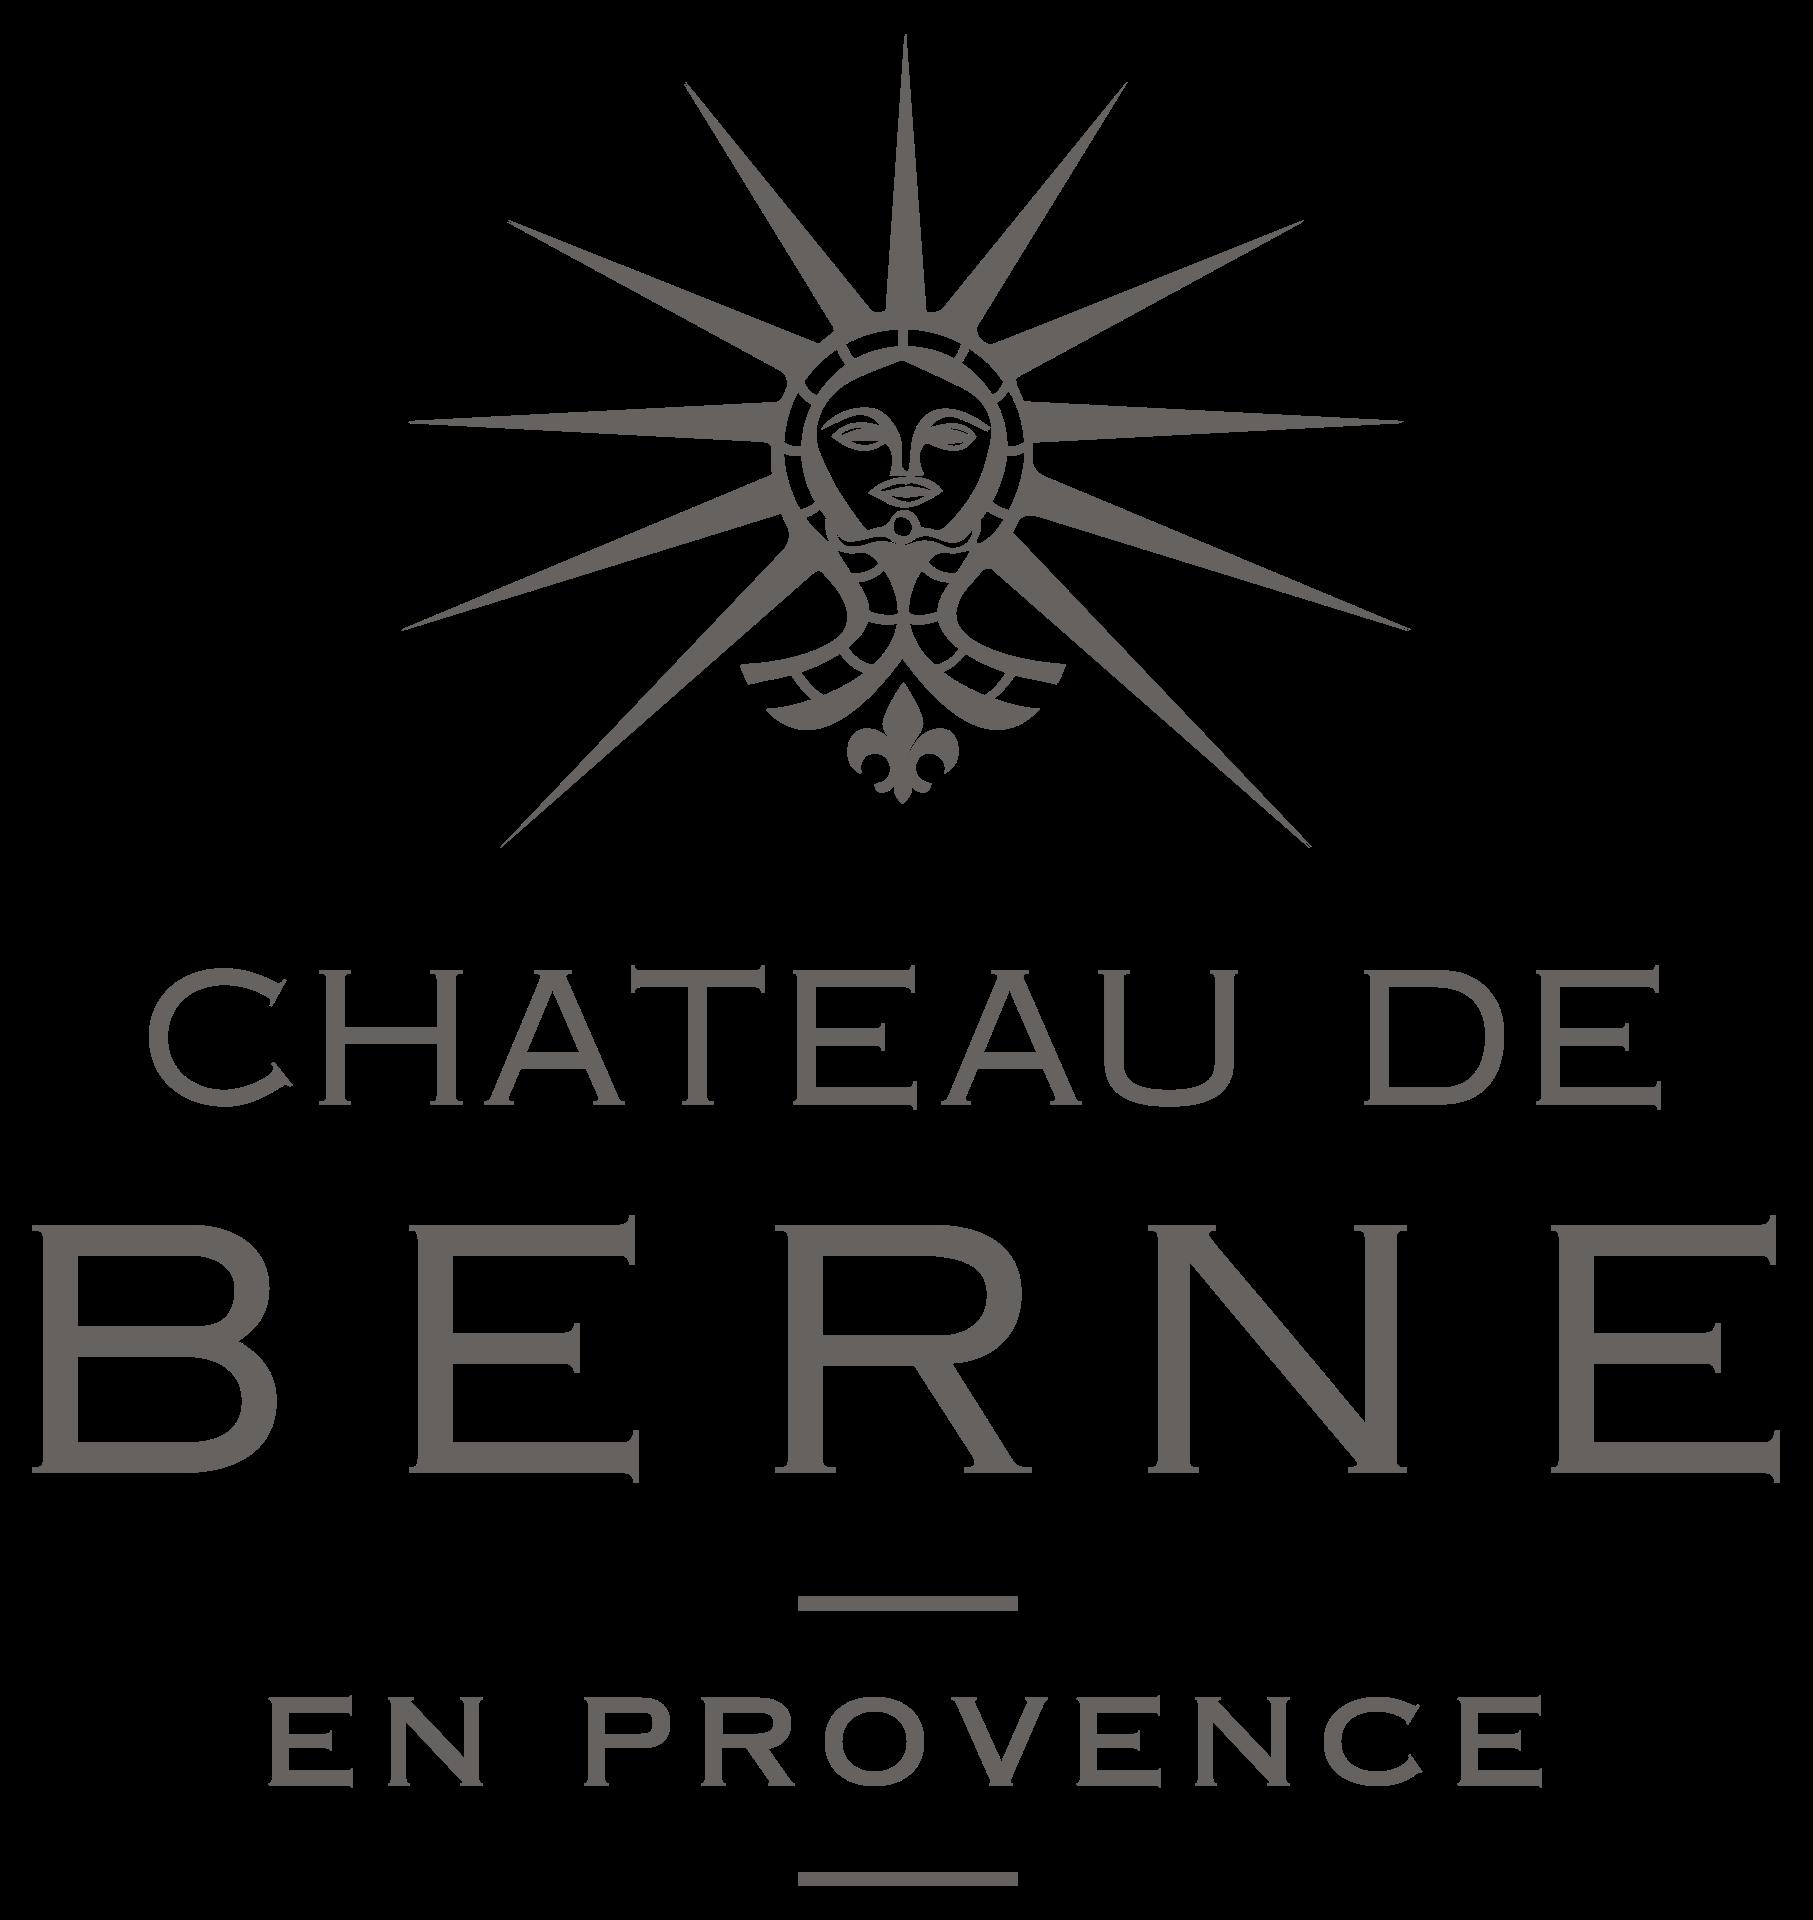 CHATEAU DE BERNE NEW